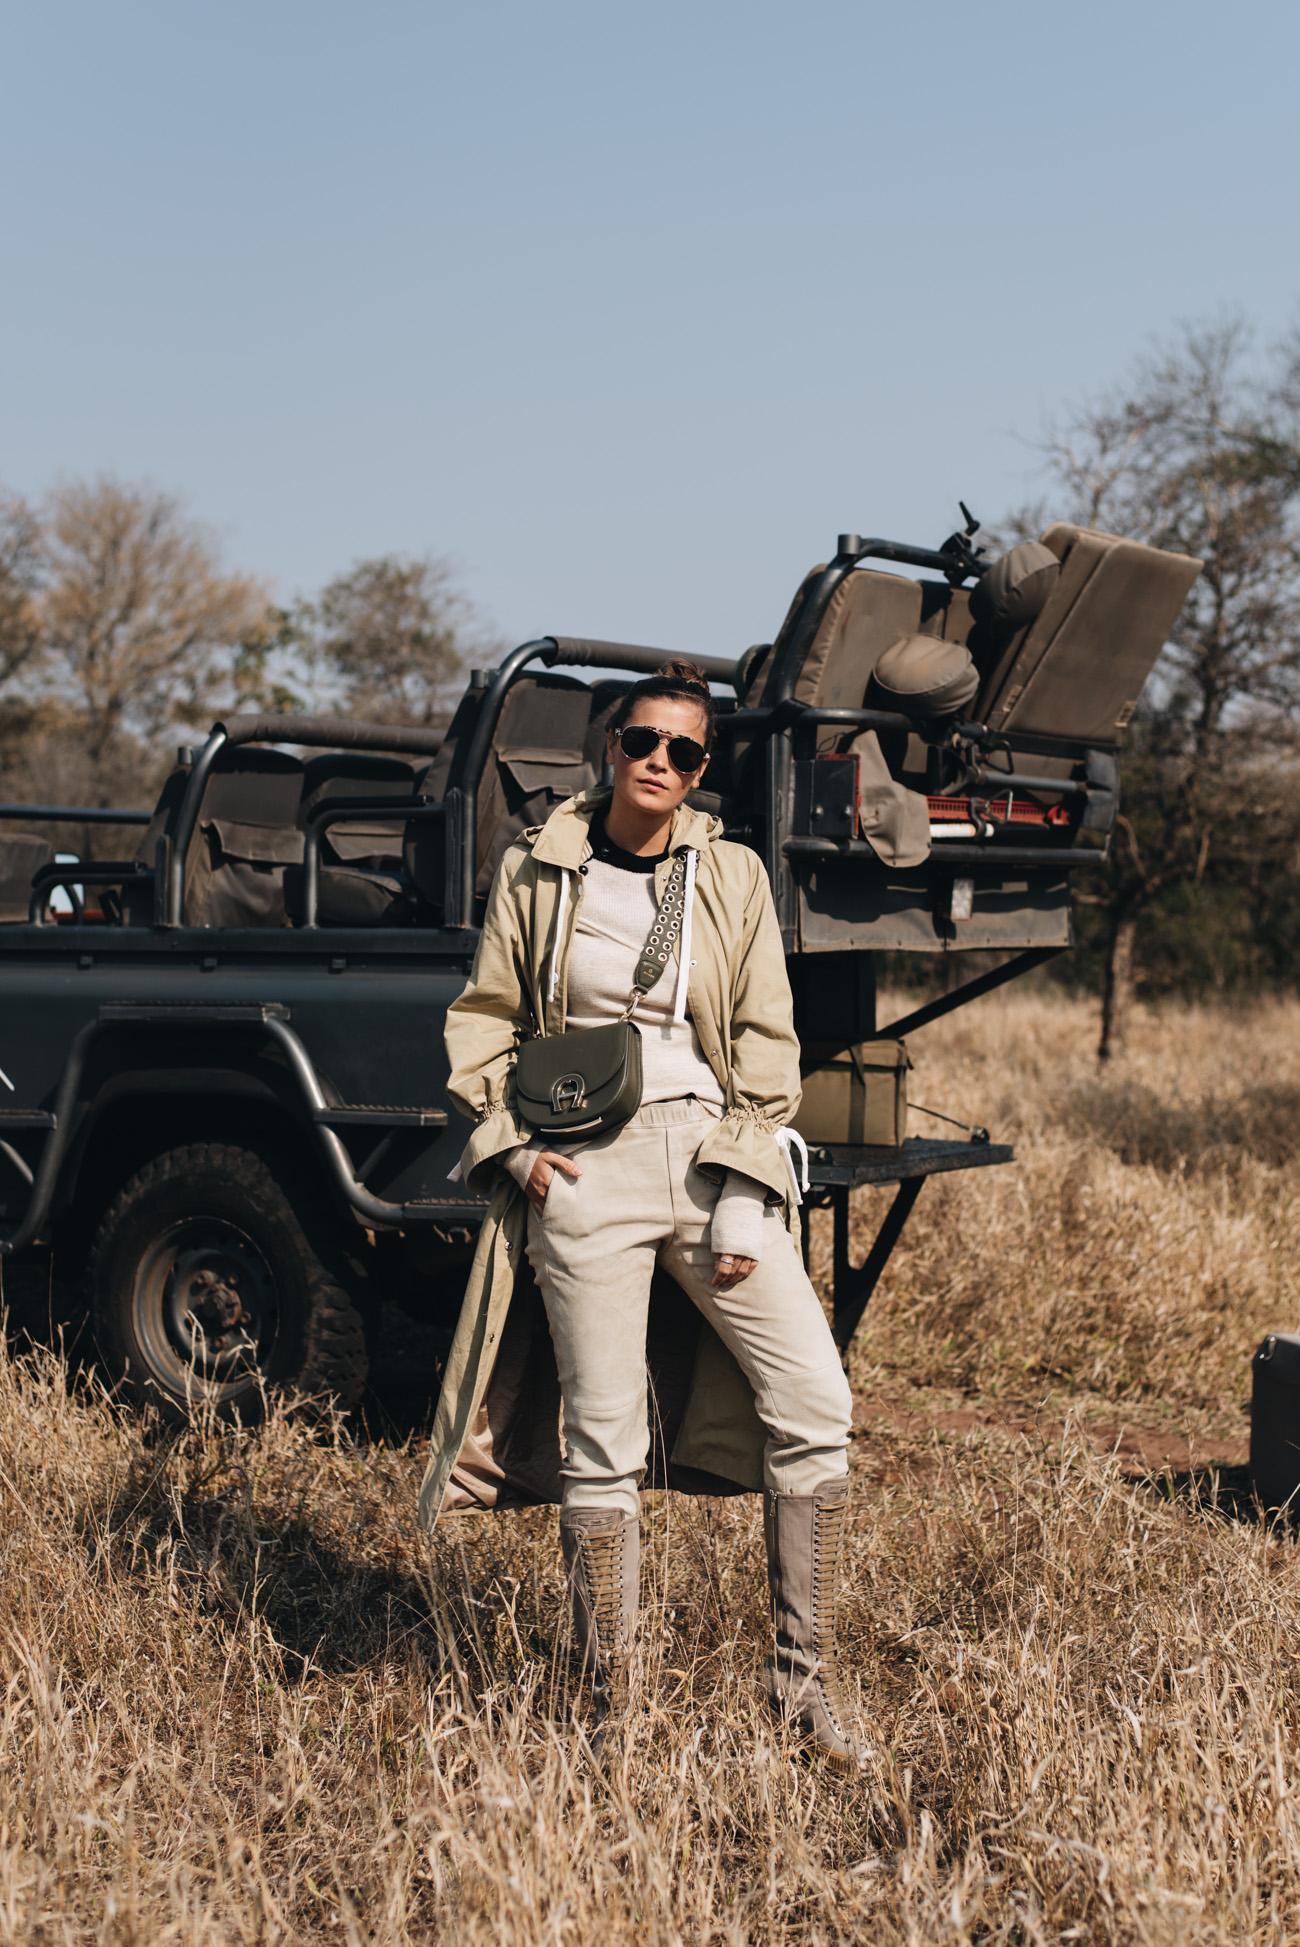 Fashion-und-Beauty-Influencer-outfit-styling-für-eine-safari-in-afrika-münchen-Deutschland-Nina-schwichtenberg